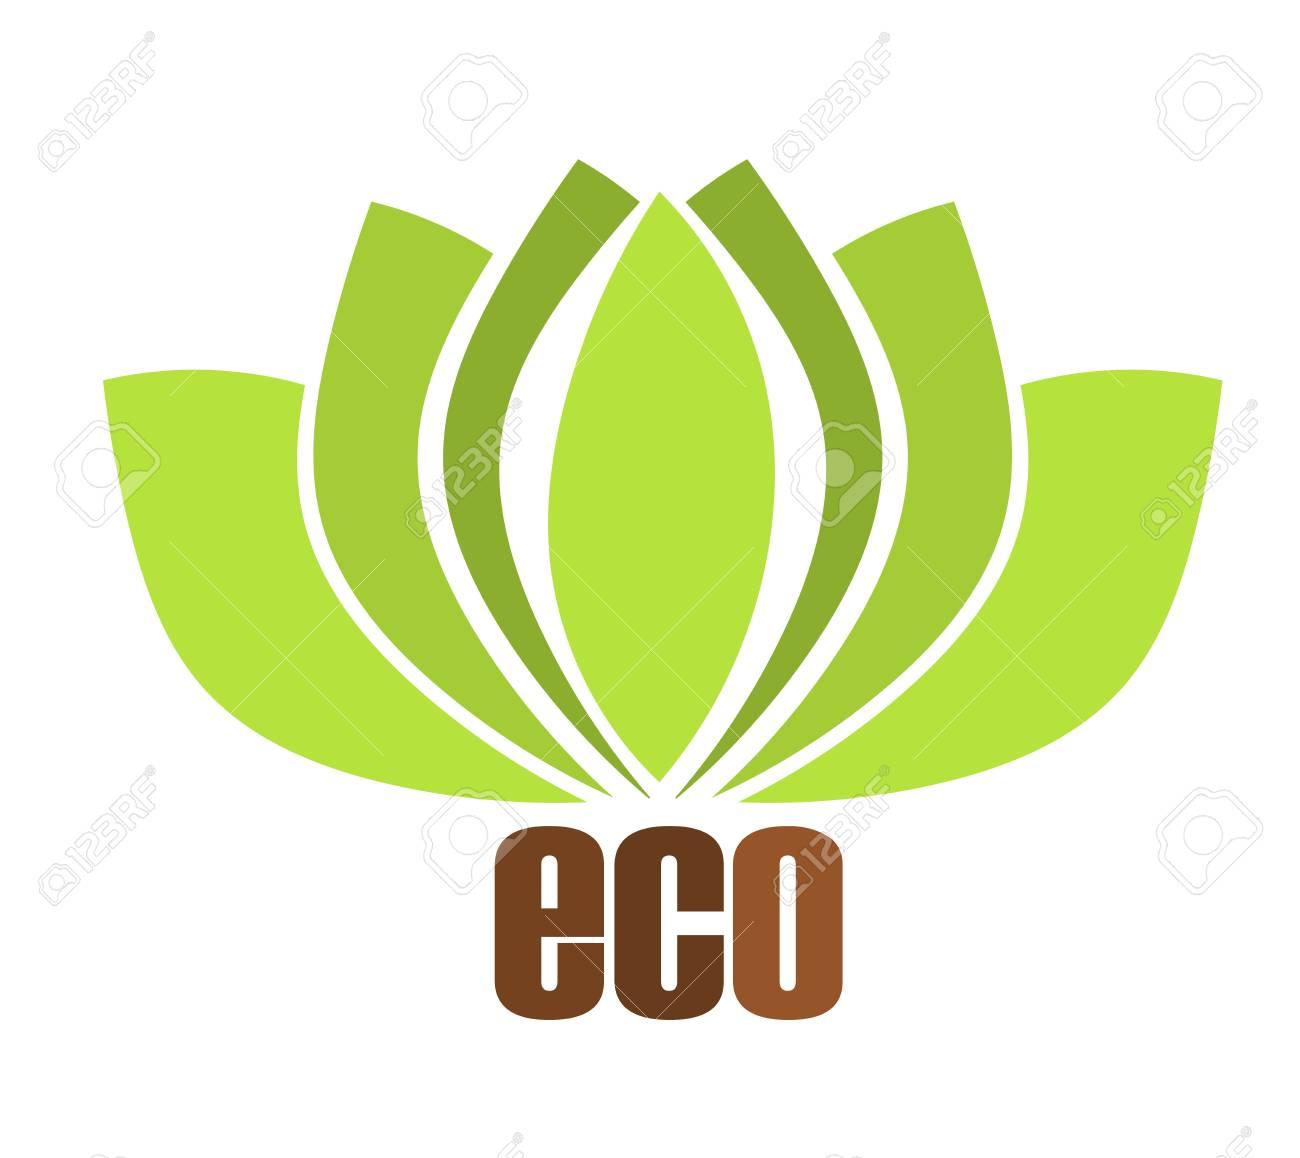 Ecological emblem or symbol. Stock Vector - 17519699